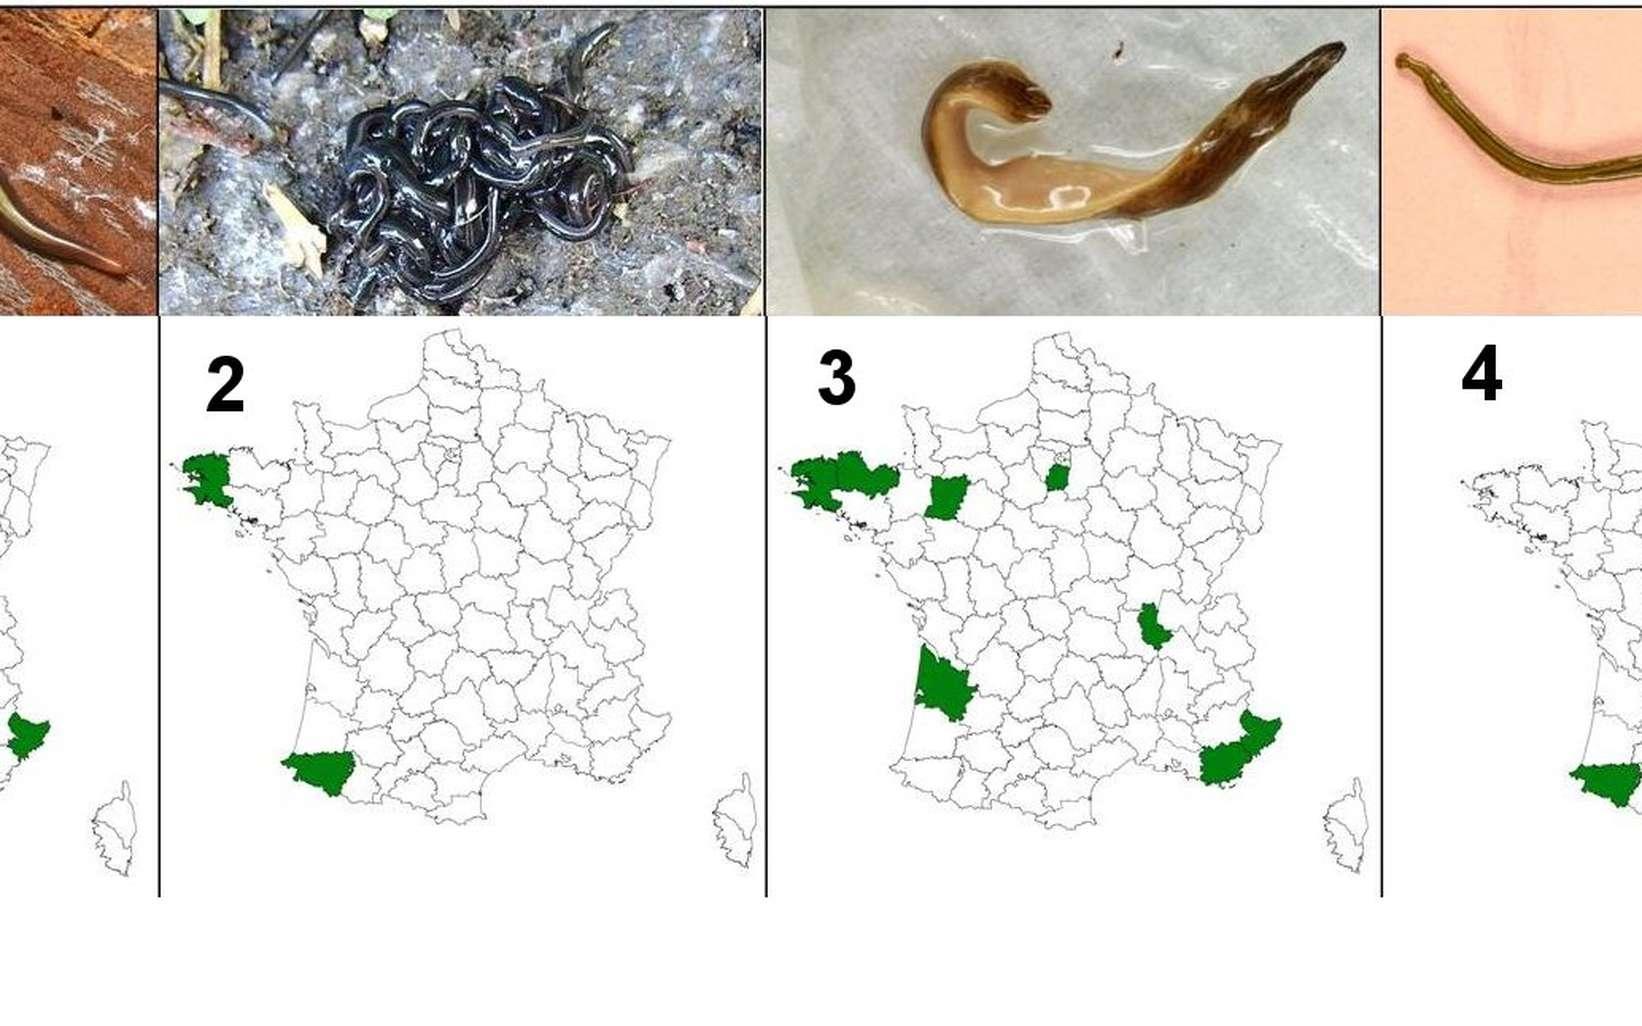 La carte des observations de plathelminthes invasifs, établie le 2 octobre 2013 par Jean-Lou Justine pour les quatre espèces actuellement repérées et numérotées ici de 1 à 4. Deux ont pu être formellement identifiées : Kontikia ventrolineata (2), de couleur noire avec une discrète ligne claire sur le dos, observée dans le Finistère et dans les Pyrénées-Atlantiques, et Bipalium kewense (4), au corps plus long et fin, dans les Pyrénées. © Jean-Lou Justine